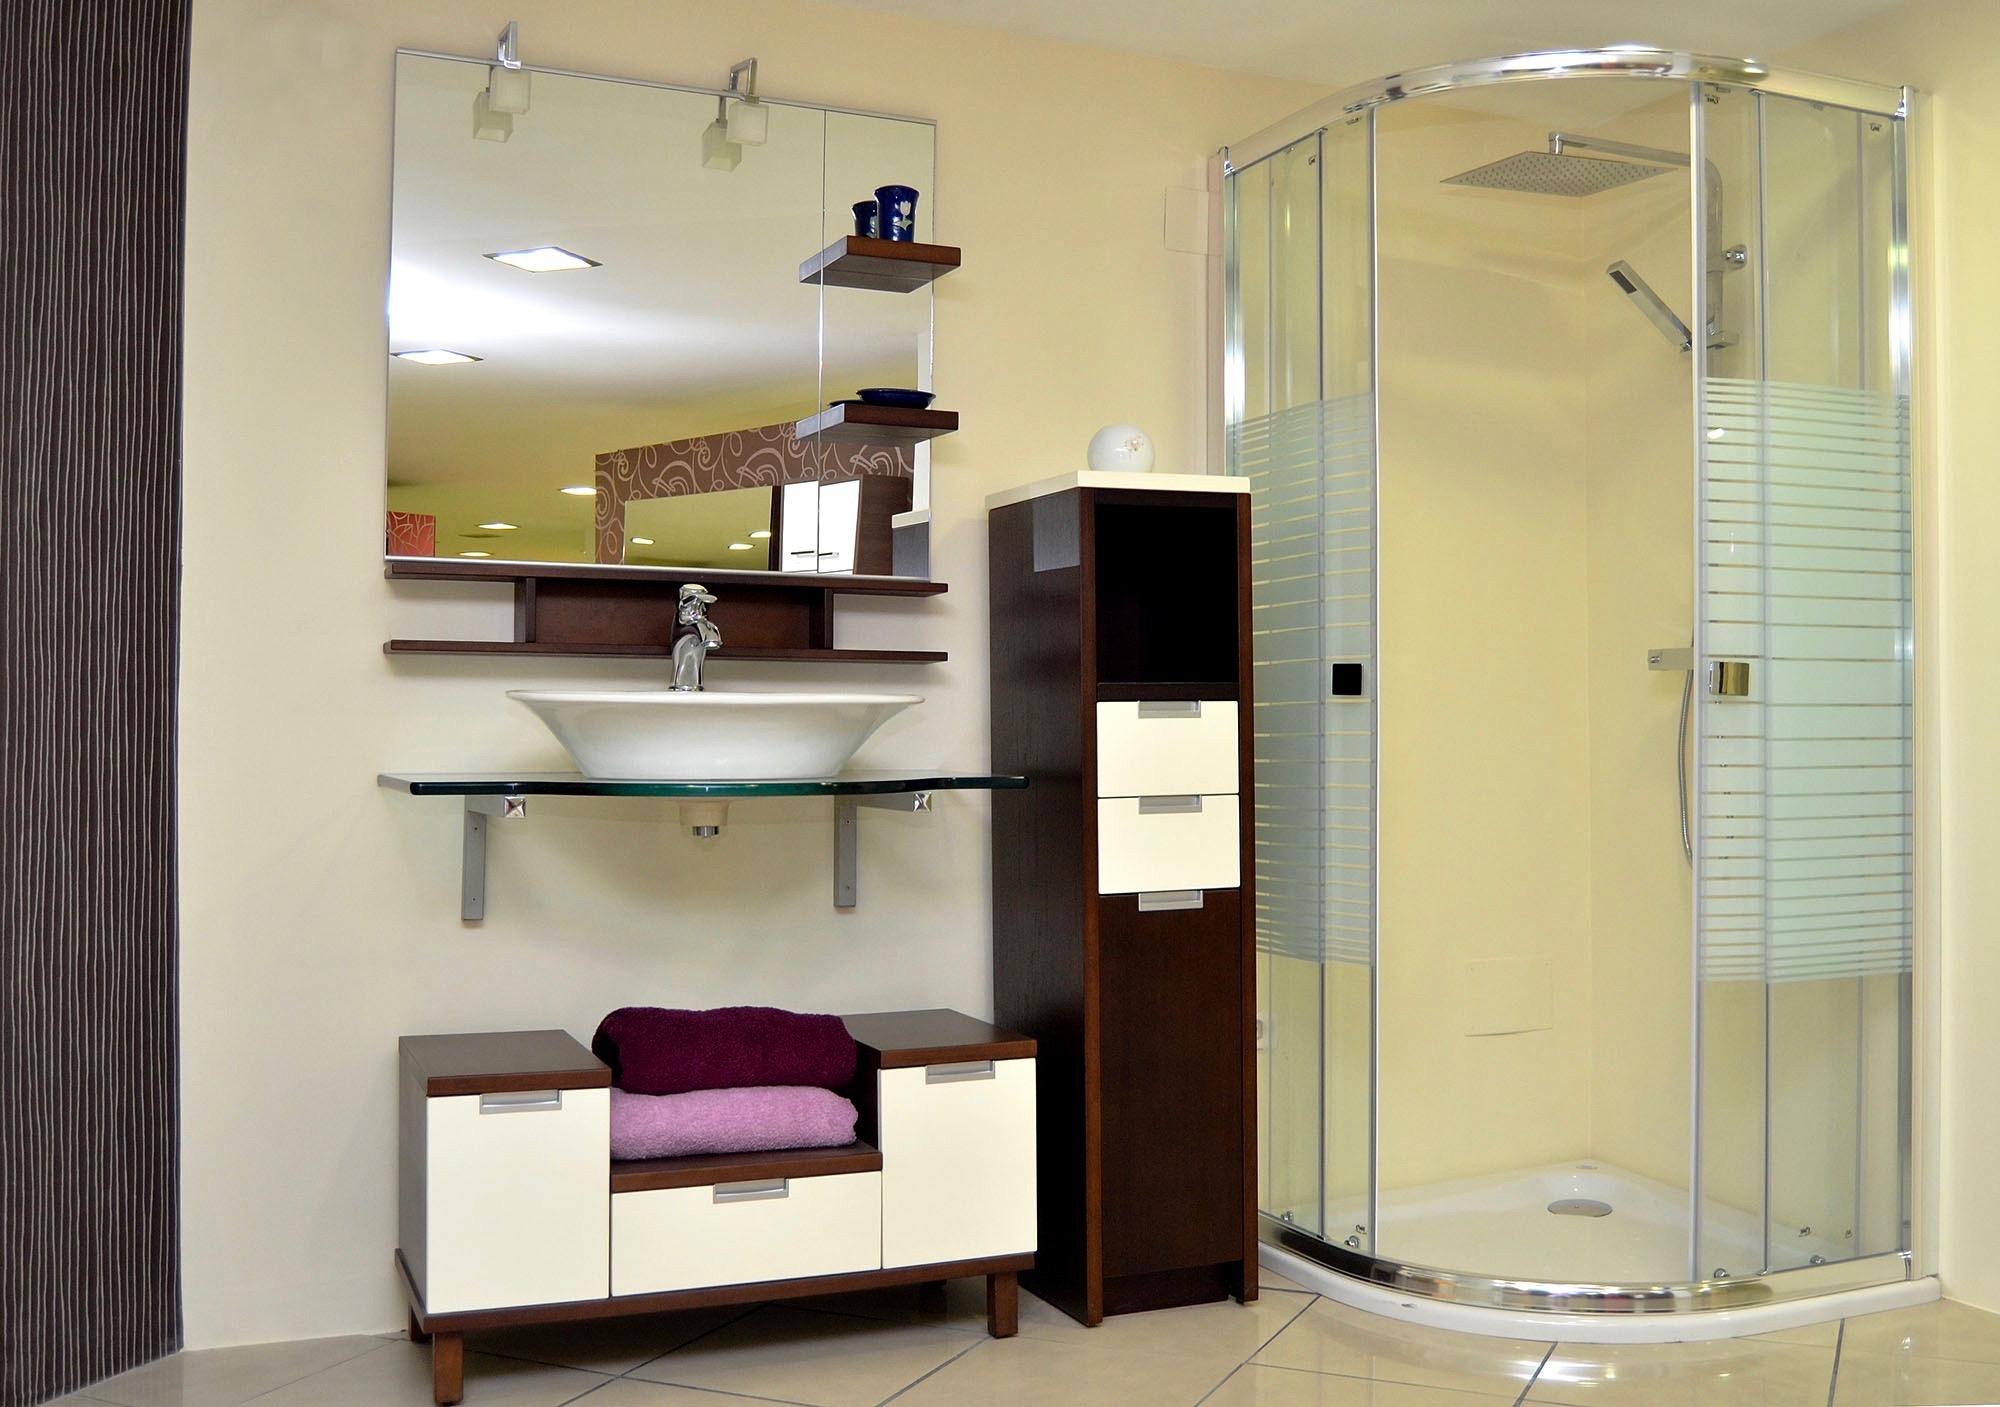 Tiendas Muebles Santander : Nuestros baños premium josman hermanos tienda de